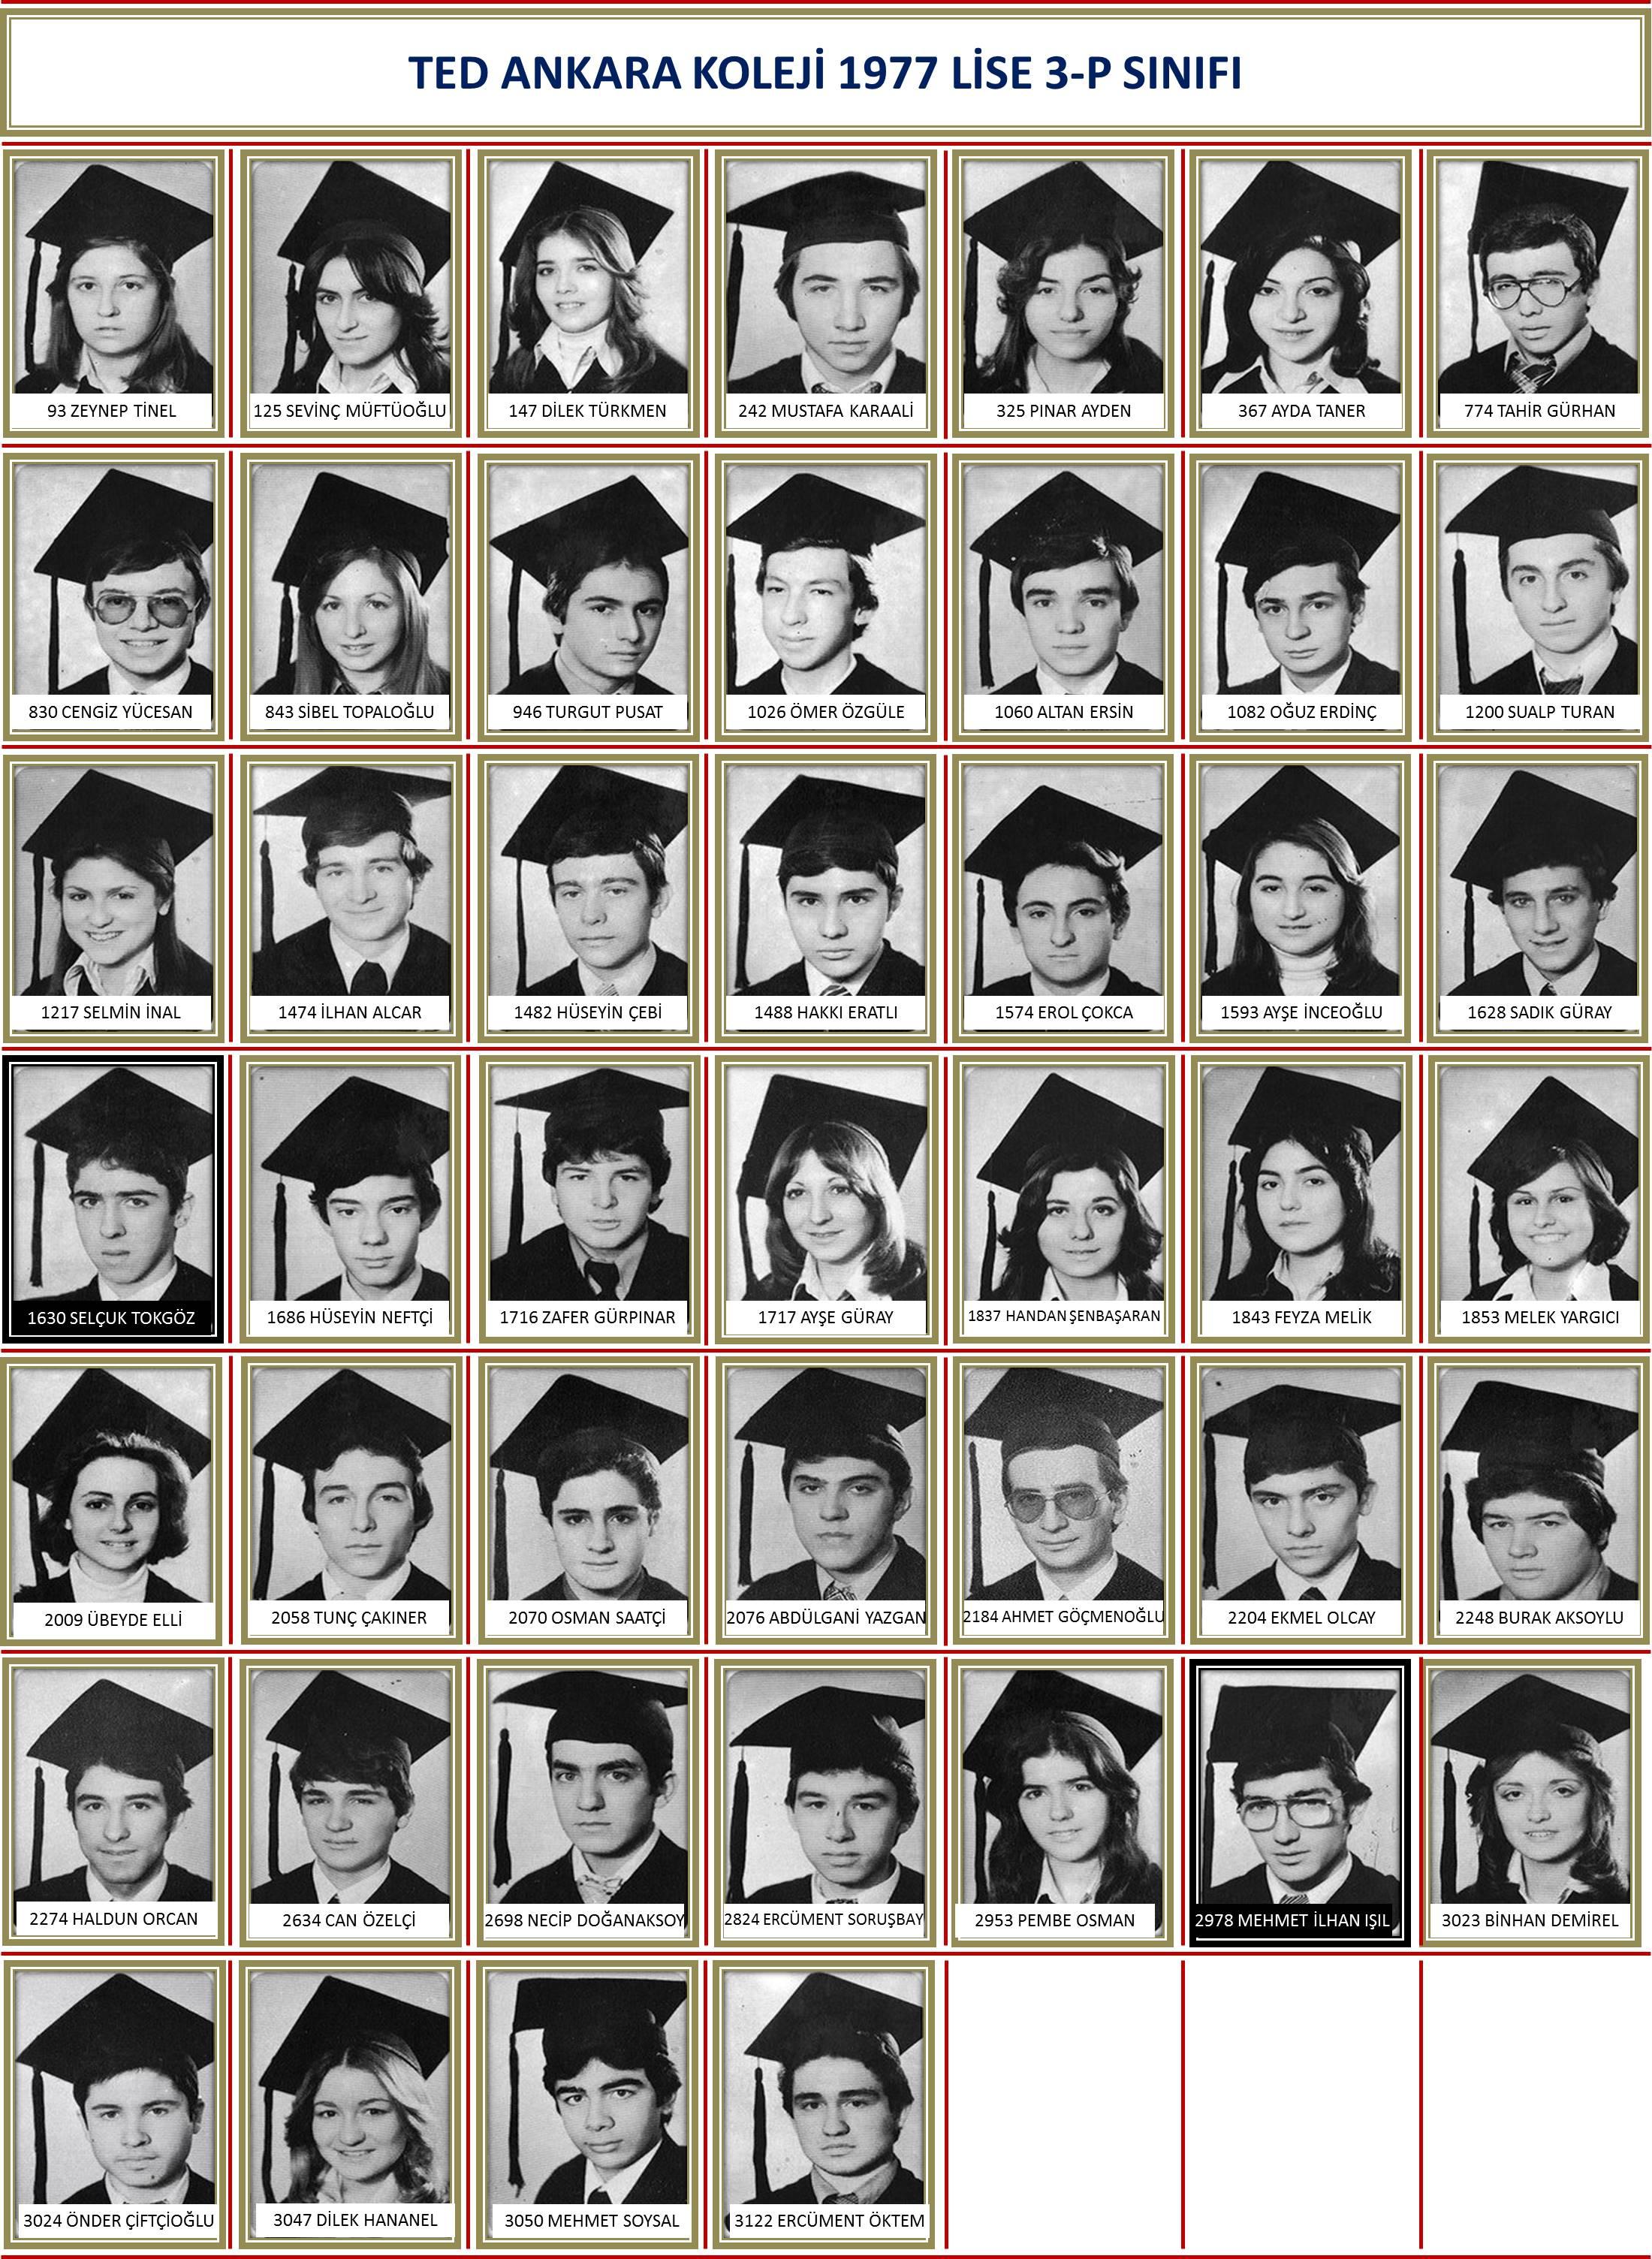 1977 3-P Sınıf toplu beyaz zemin Rev 02